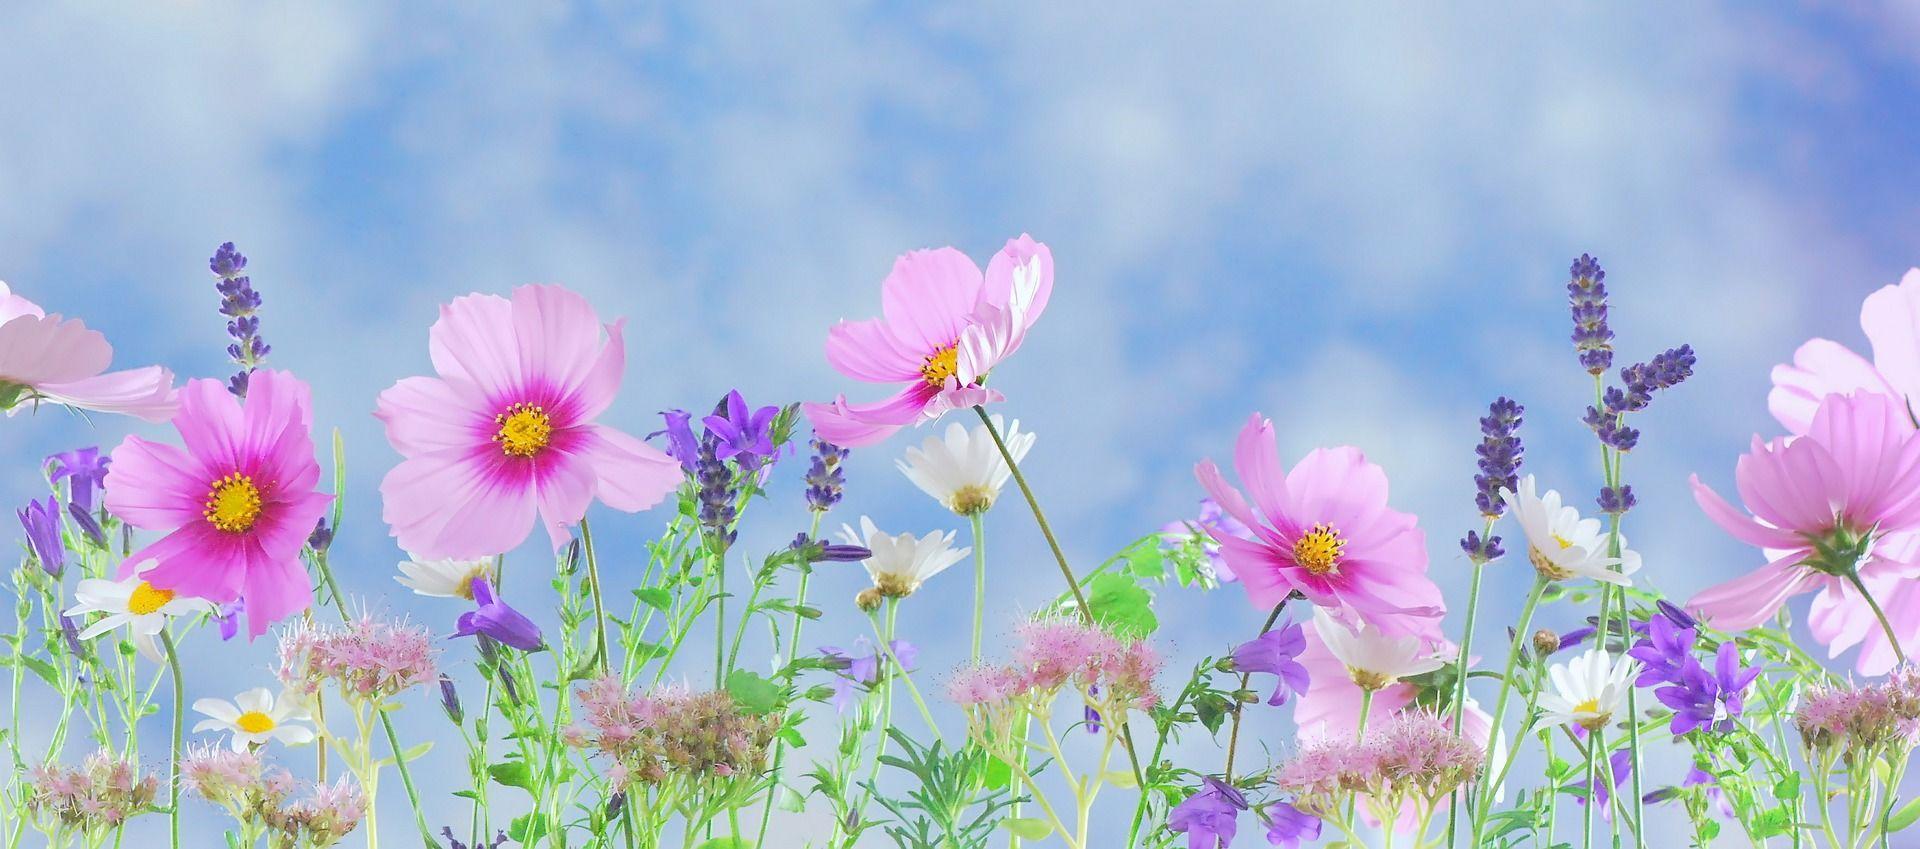 Vděčnost. Děkuji zakrásu květin aza jejich vůni, kterou si mohu vychutnávat.